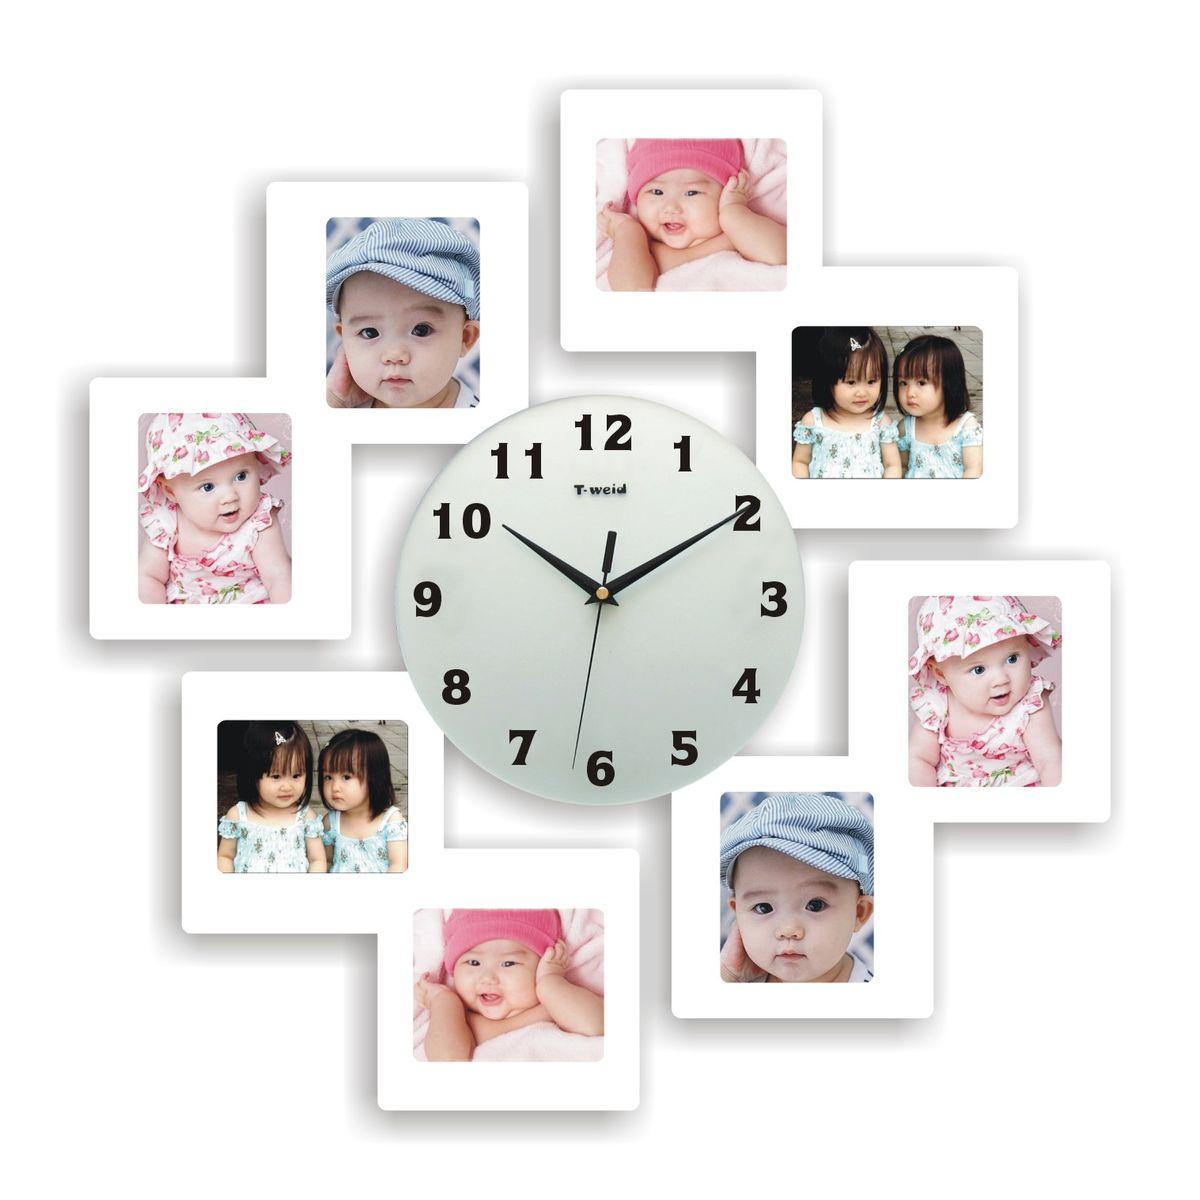 Часы настенные T-Weid, с фоторамками, цвет: белый, 55 х 55 х 5 см97495Настенные кварцевые часы с фоторамками - это прекрасный предмет декора, а также универсальный подарок практически по любому поводу. Корпус часов, выполнен из дерева с белым матовым покрытием и оформлен восемью фоторамками.Циферблат часов оснащен тремя фигурными стрелками: часовой, минутной и секундной. Цифры и метки нанесены черной краской на стекле циферблата. На задней стенке часов расположена металлическая петелька для подвешивания и блок с часовым механизмом. Часы с фоторамками прекрасно впишутся в любой интерьер. В зависимости оттого, что вы поместите в рамки, будет меняться и стиль часов. Тип механизма: плавающий, бесшумный. Рекомендуется докупить батарейку типа АА (не входит в комплект). Для 8 фото 11 х 9см.